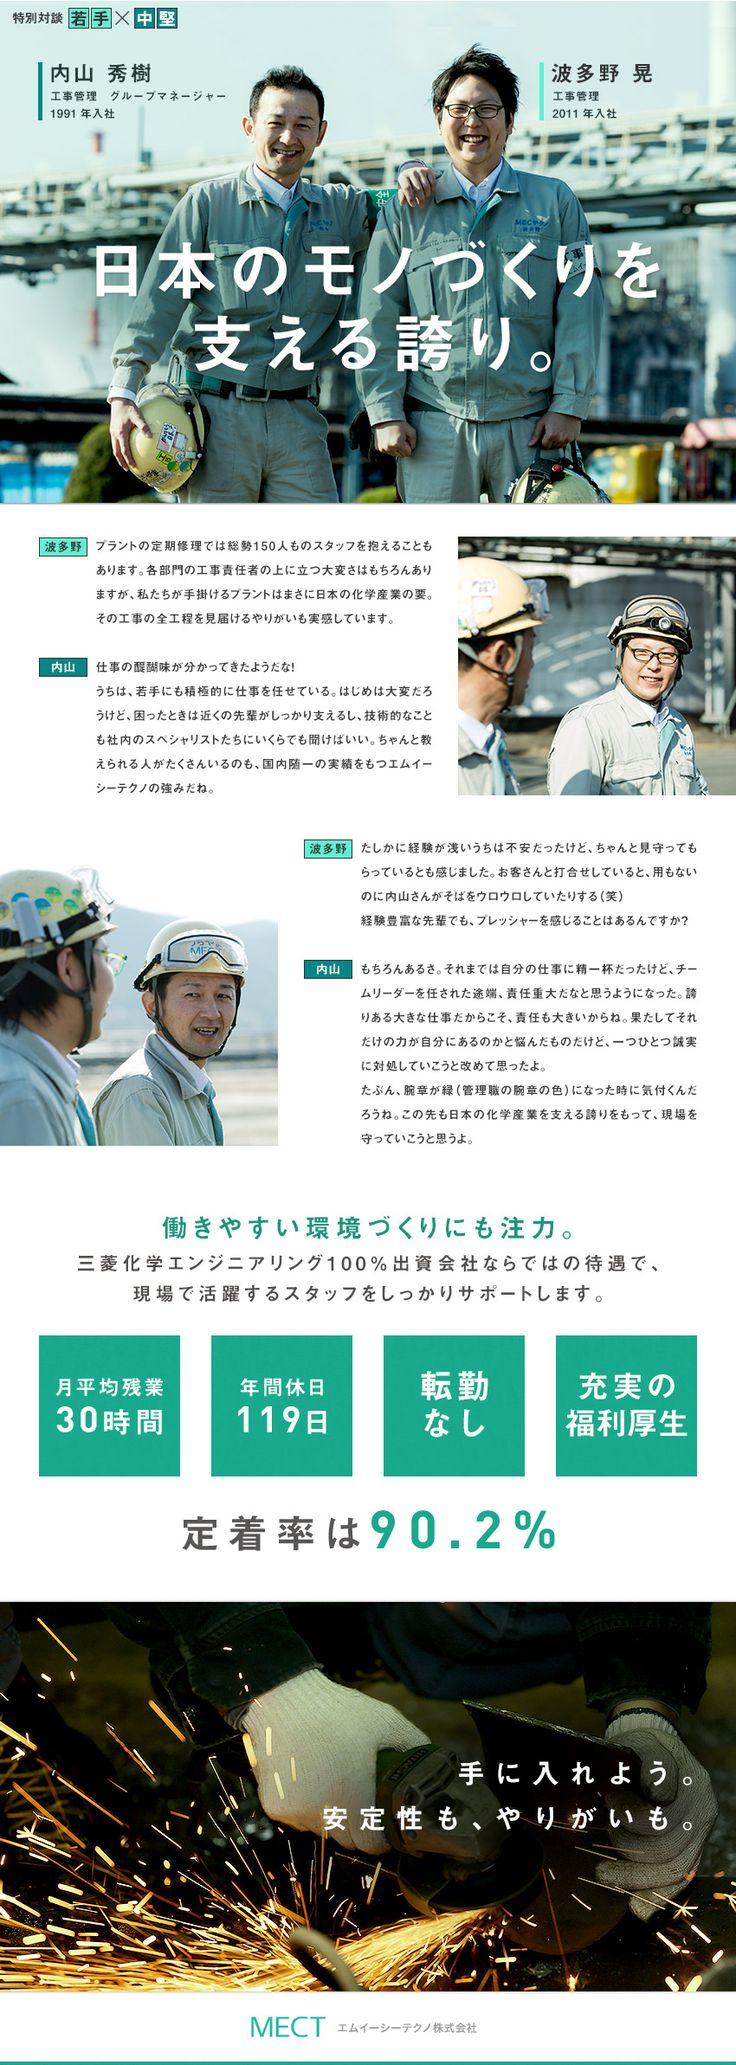 エムイーシーテクノ株式会社(三菱化学エンジニアリング100%出資会社)/プラント施工管理(機械設備/塗装・建築設備)/残業時間30時間/年間休日119日の求人PR - 転職ならDODA(デューダ)